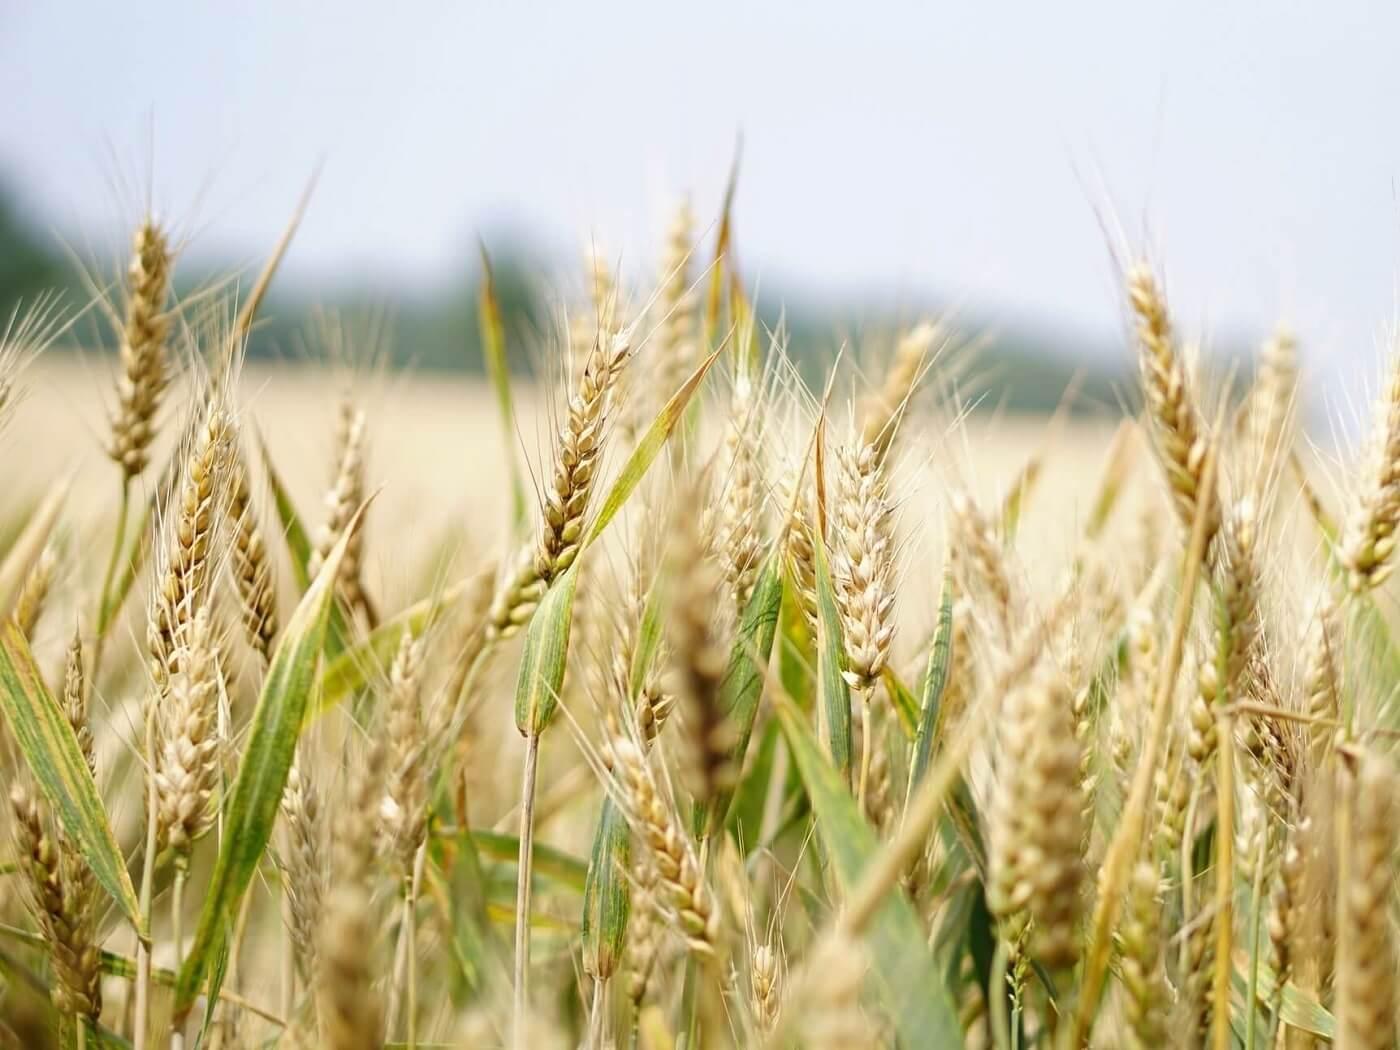 10.2. Potpora za očuvanje, održivo korištenje i razvoj genetskih izvora u poljoprivredi